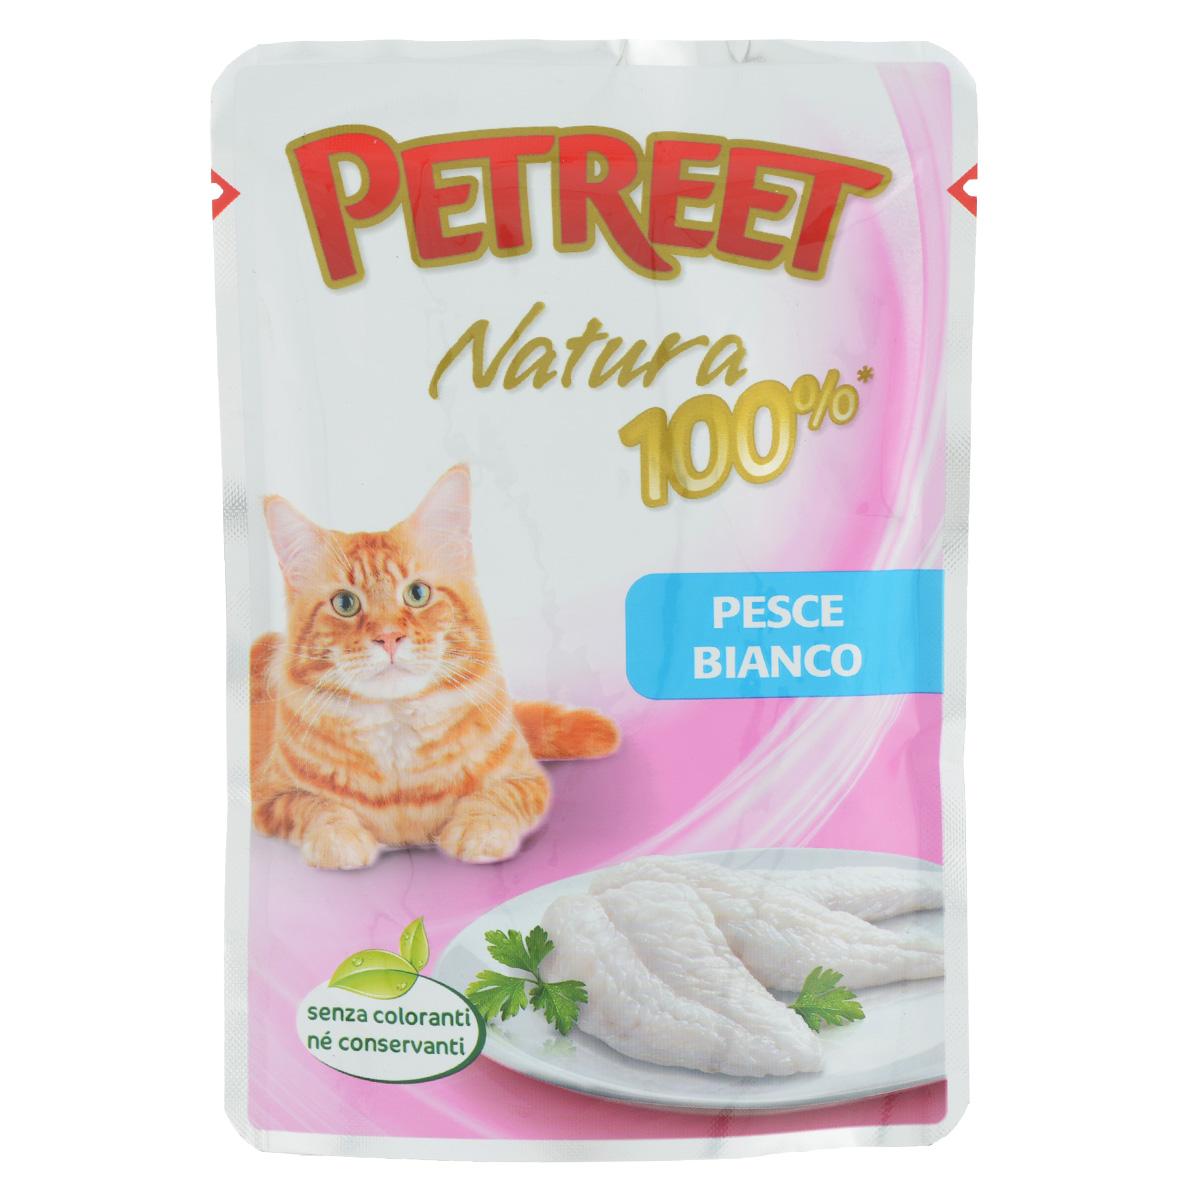 Консервы для кошек Petreet, с белой рыбой, 85 гА55003Консервы для кошек Petreet - это линейка кормов, в которых содержится белок только животного происхождения. Это помогает защитить вашу кошку от пищевой аллергии, тем самым обеспечивая ее полезное и вкусное питание. Консервы для кошек Petreet специально разработаны без добавления консервантов, красителей и усилителей вкуса. Характеристики: Состав: белая рыба (60%), рисовая мука (1%), модифицированный крахмал. Пищевая ценность: белки - 10%, влажность - 86%, масла - 1,0%, клетчатка - 0,5%, зола - 1 %. Вес: 85 г. Товар сертифицирован.